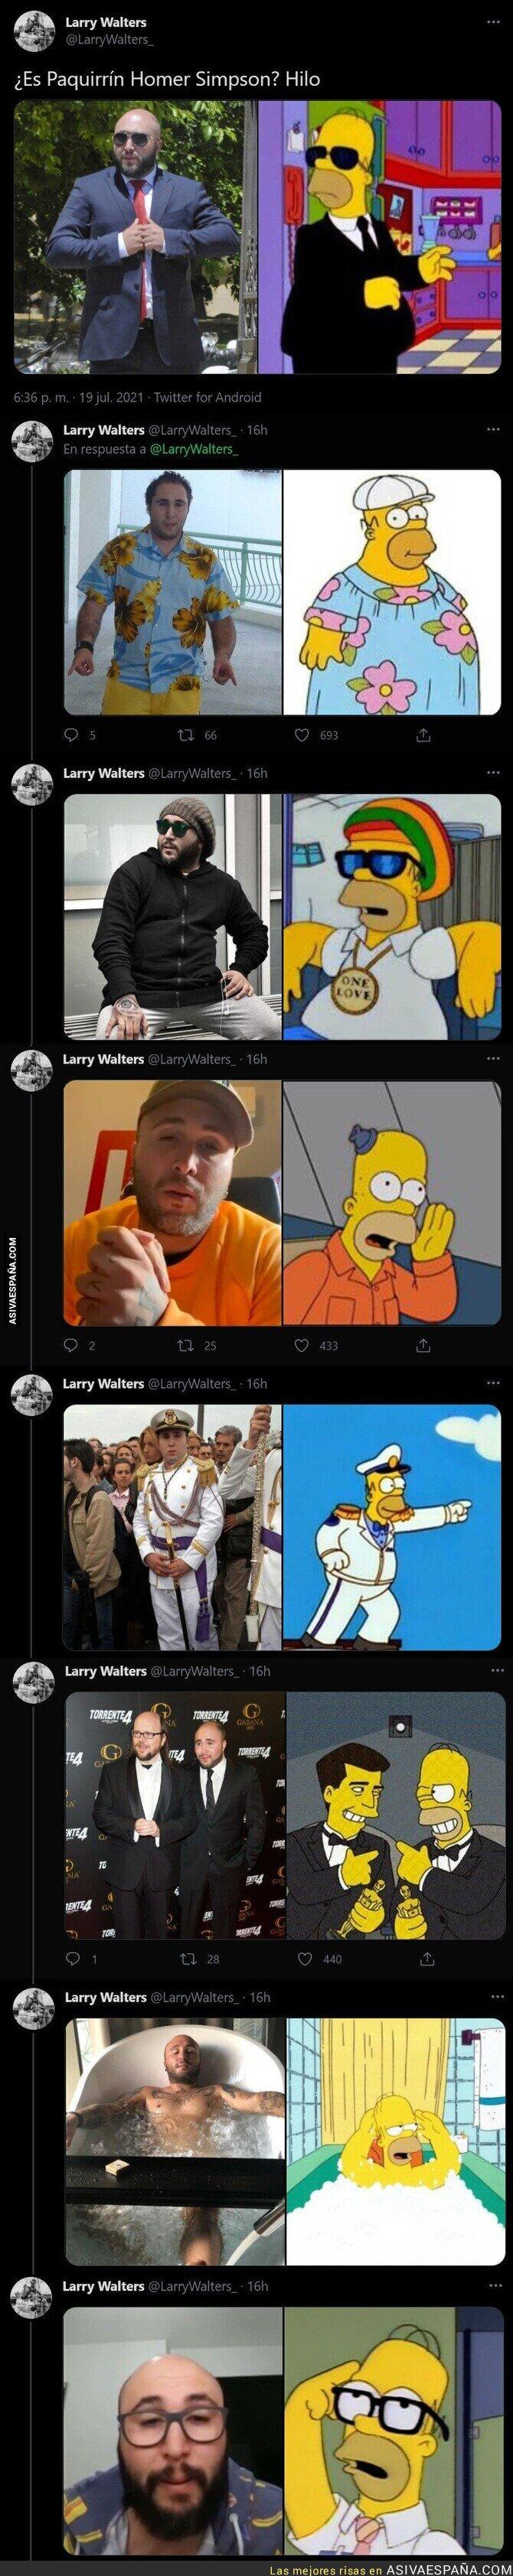 842257 - Todas estas imágenes hacen intuir que el personaje de Homer Simpson está bassado en Kiko Rivera